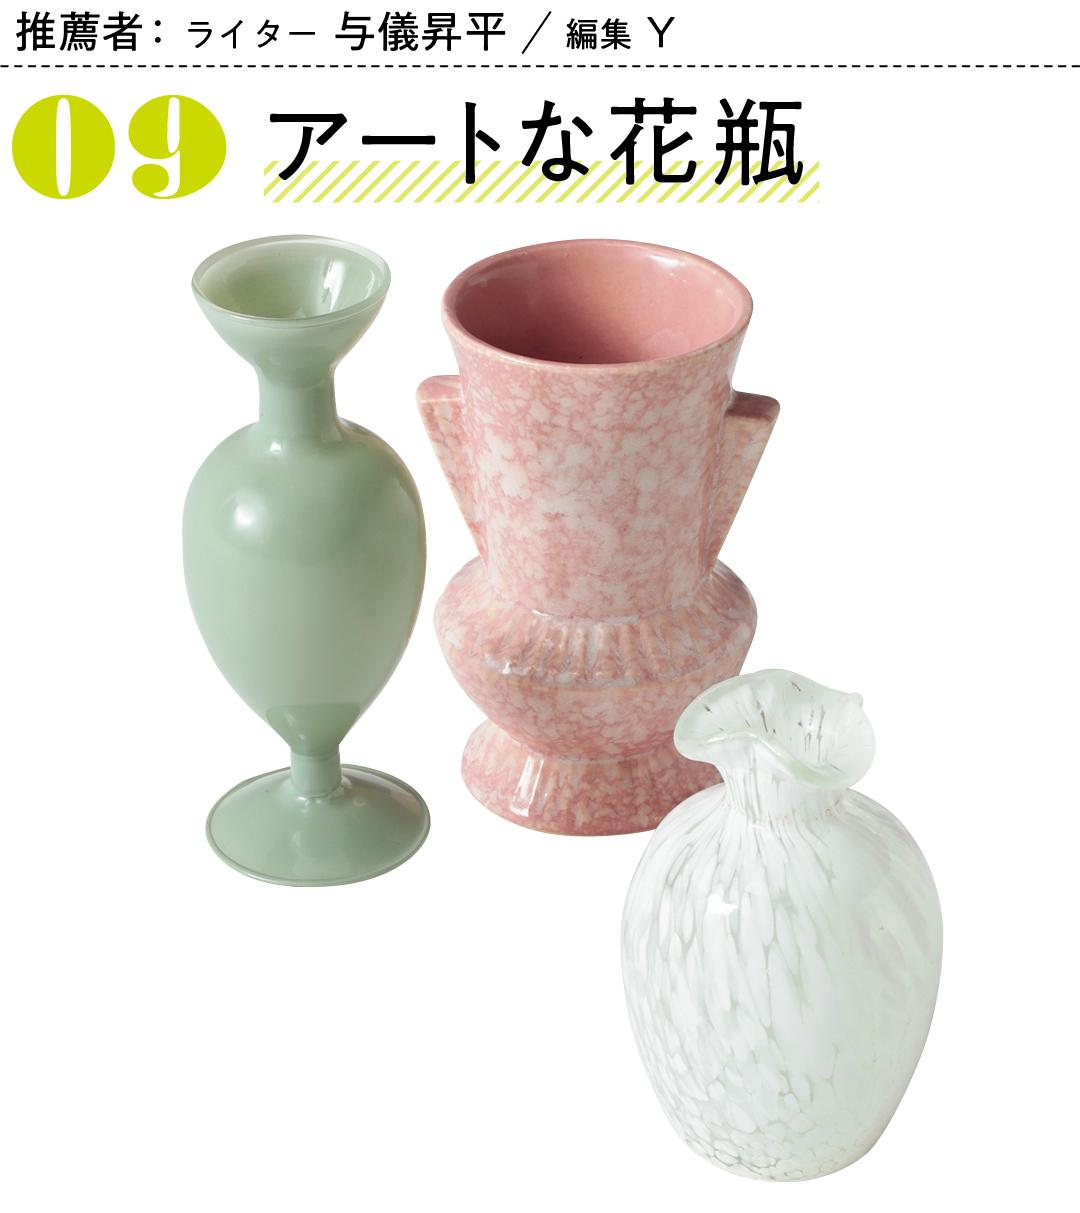 推薦者:ライター 与儀昇平 編集Y アートな花瓶